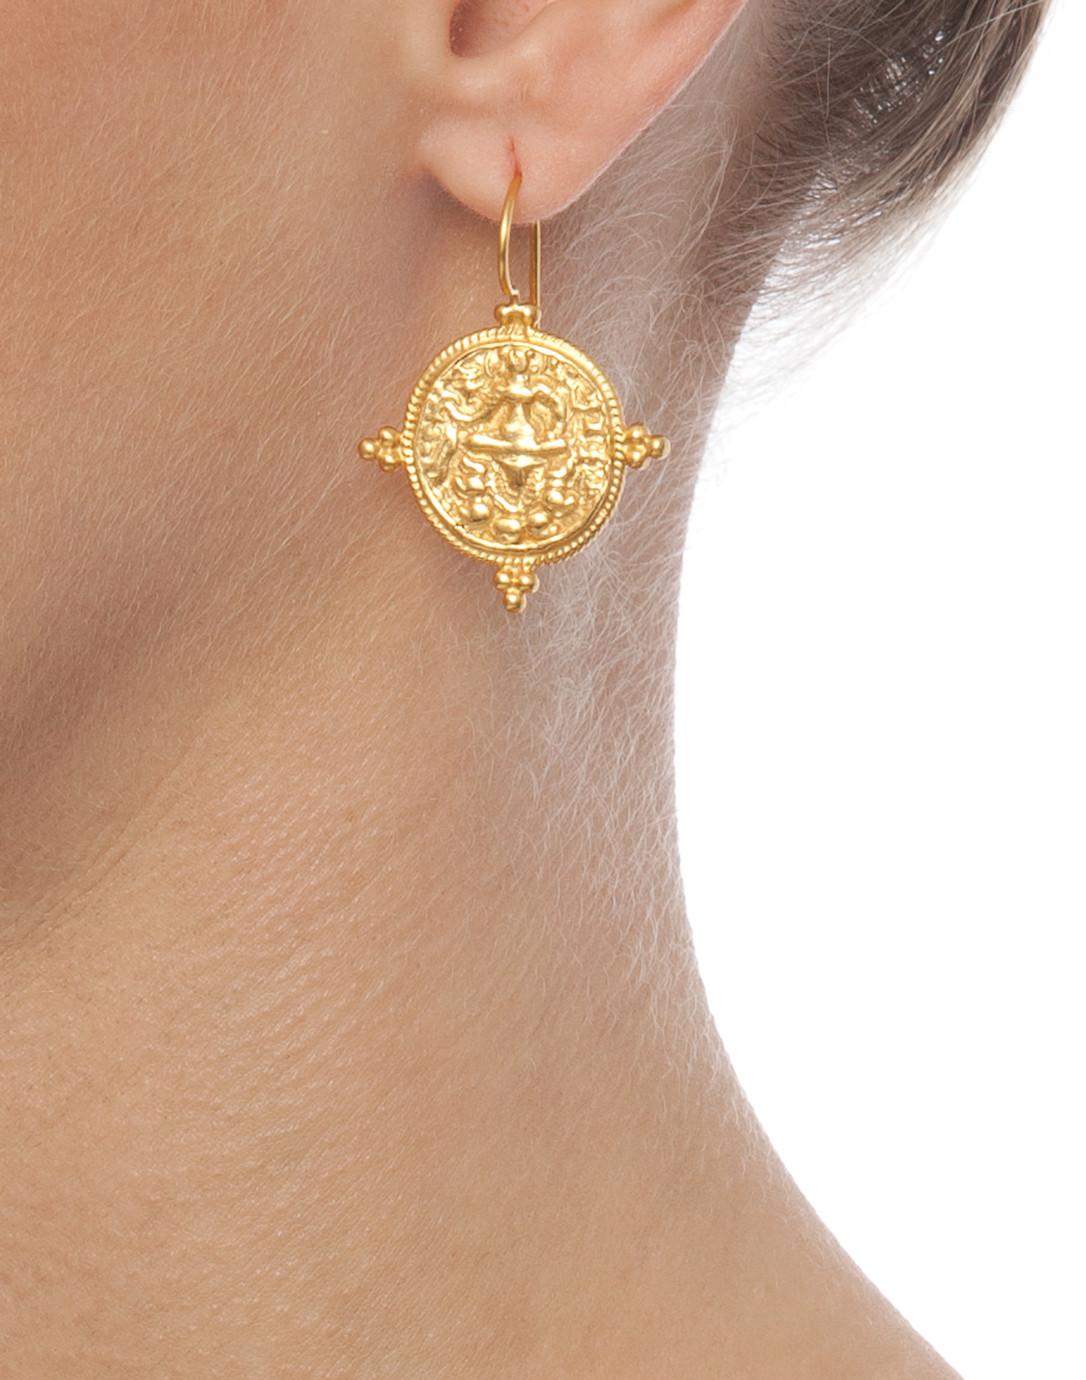 f164c720c5a39 Quatro Coin Earrings